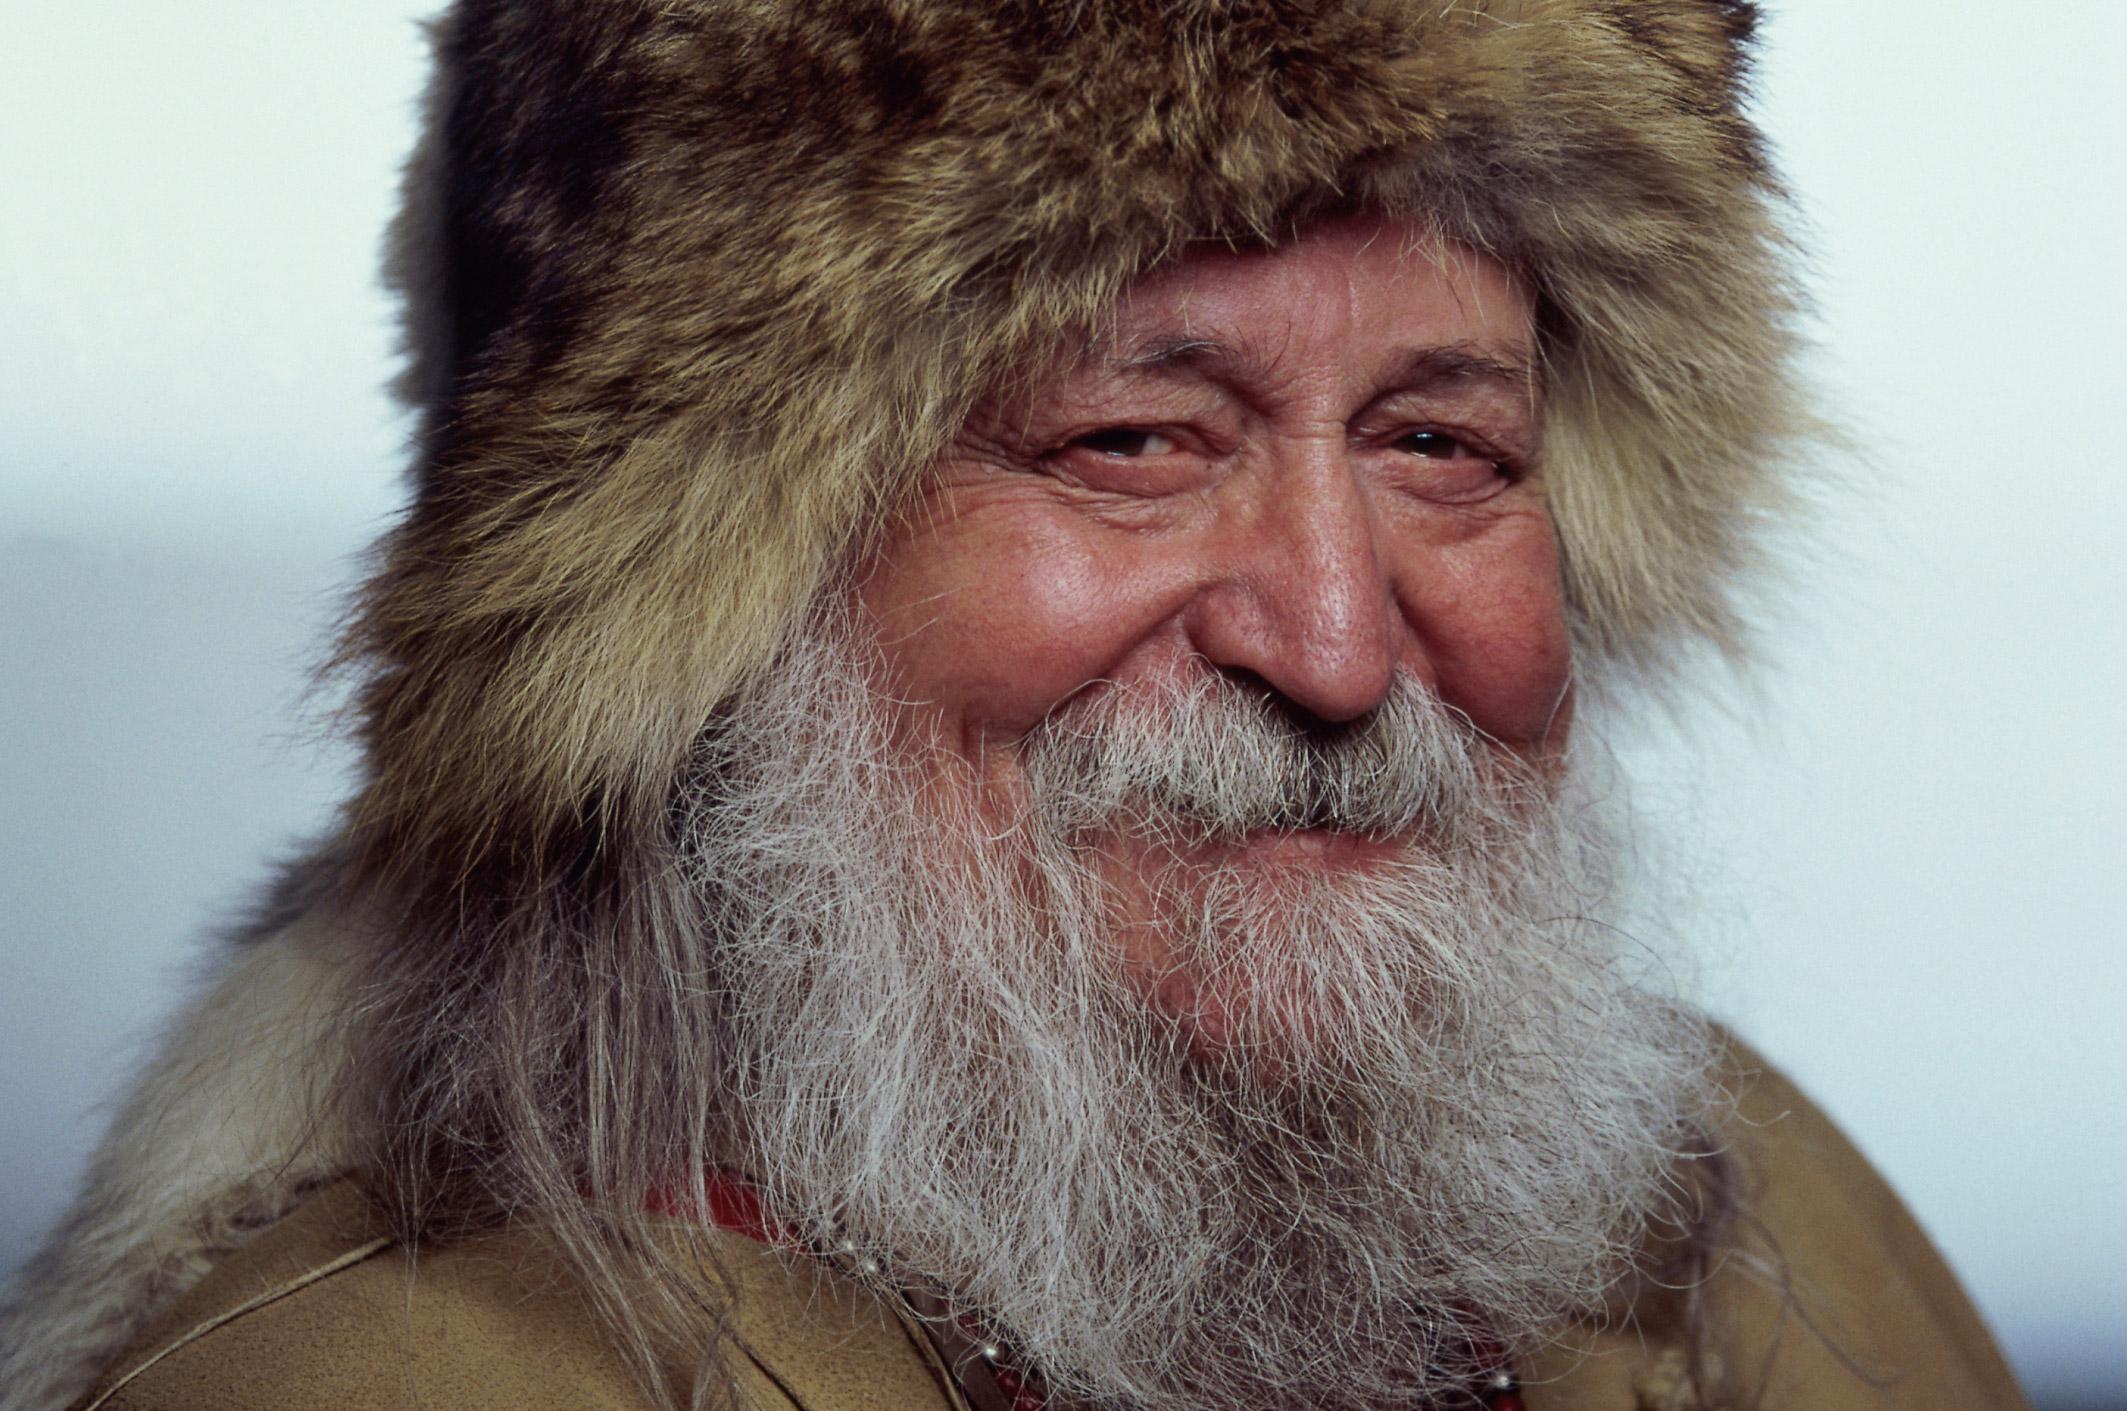 Inuit Man Smiling